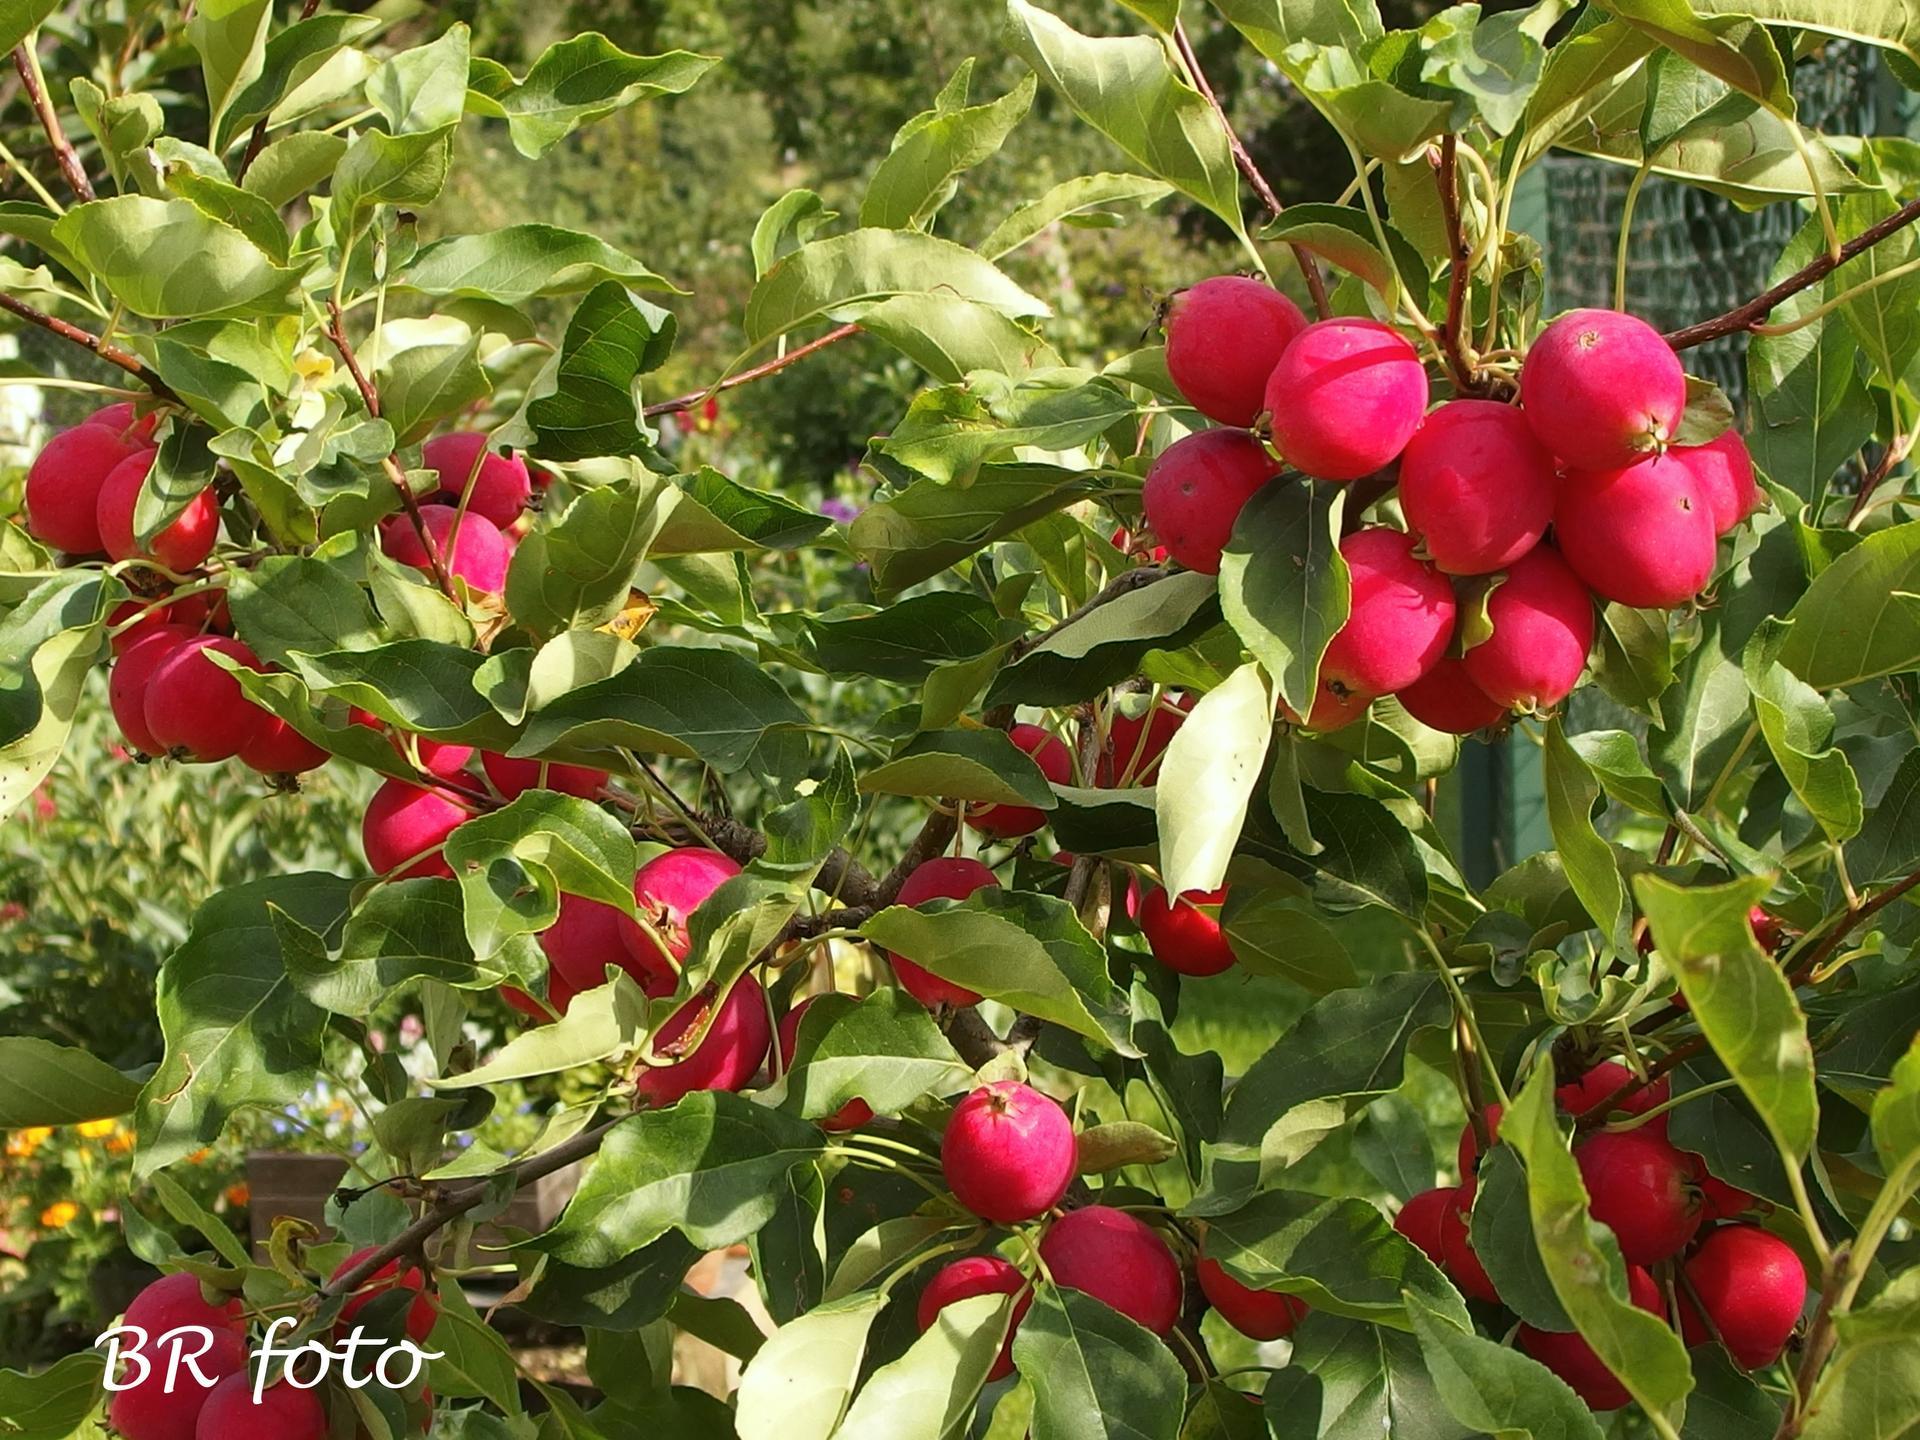 Zahrada v létě - Malus Dolgo, okrasná jablíčka jsou jako malovaná, až kýčovitá.....